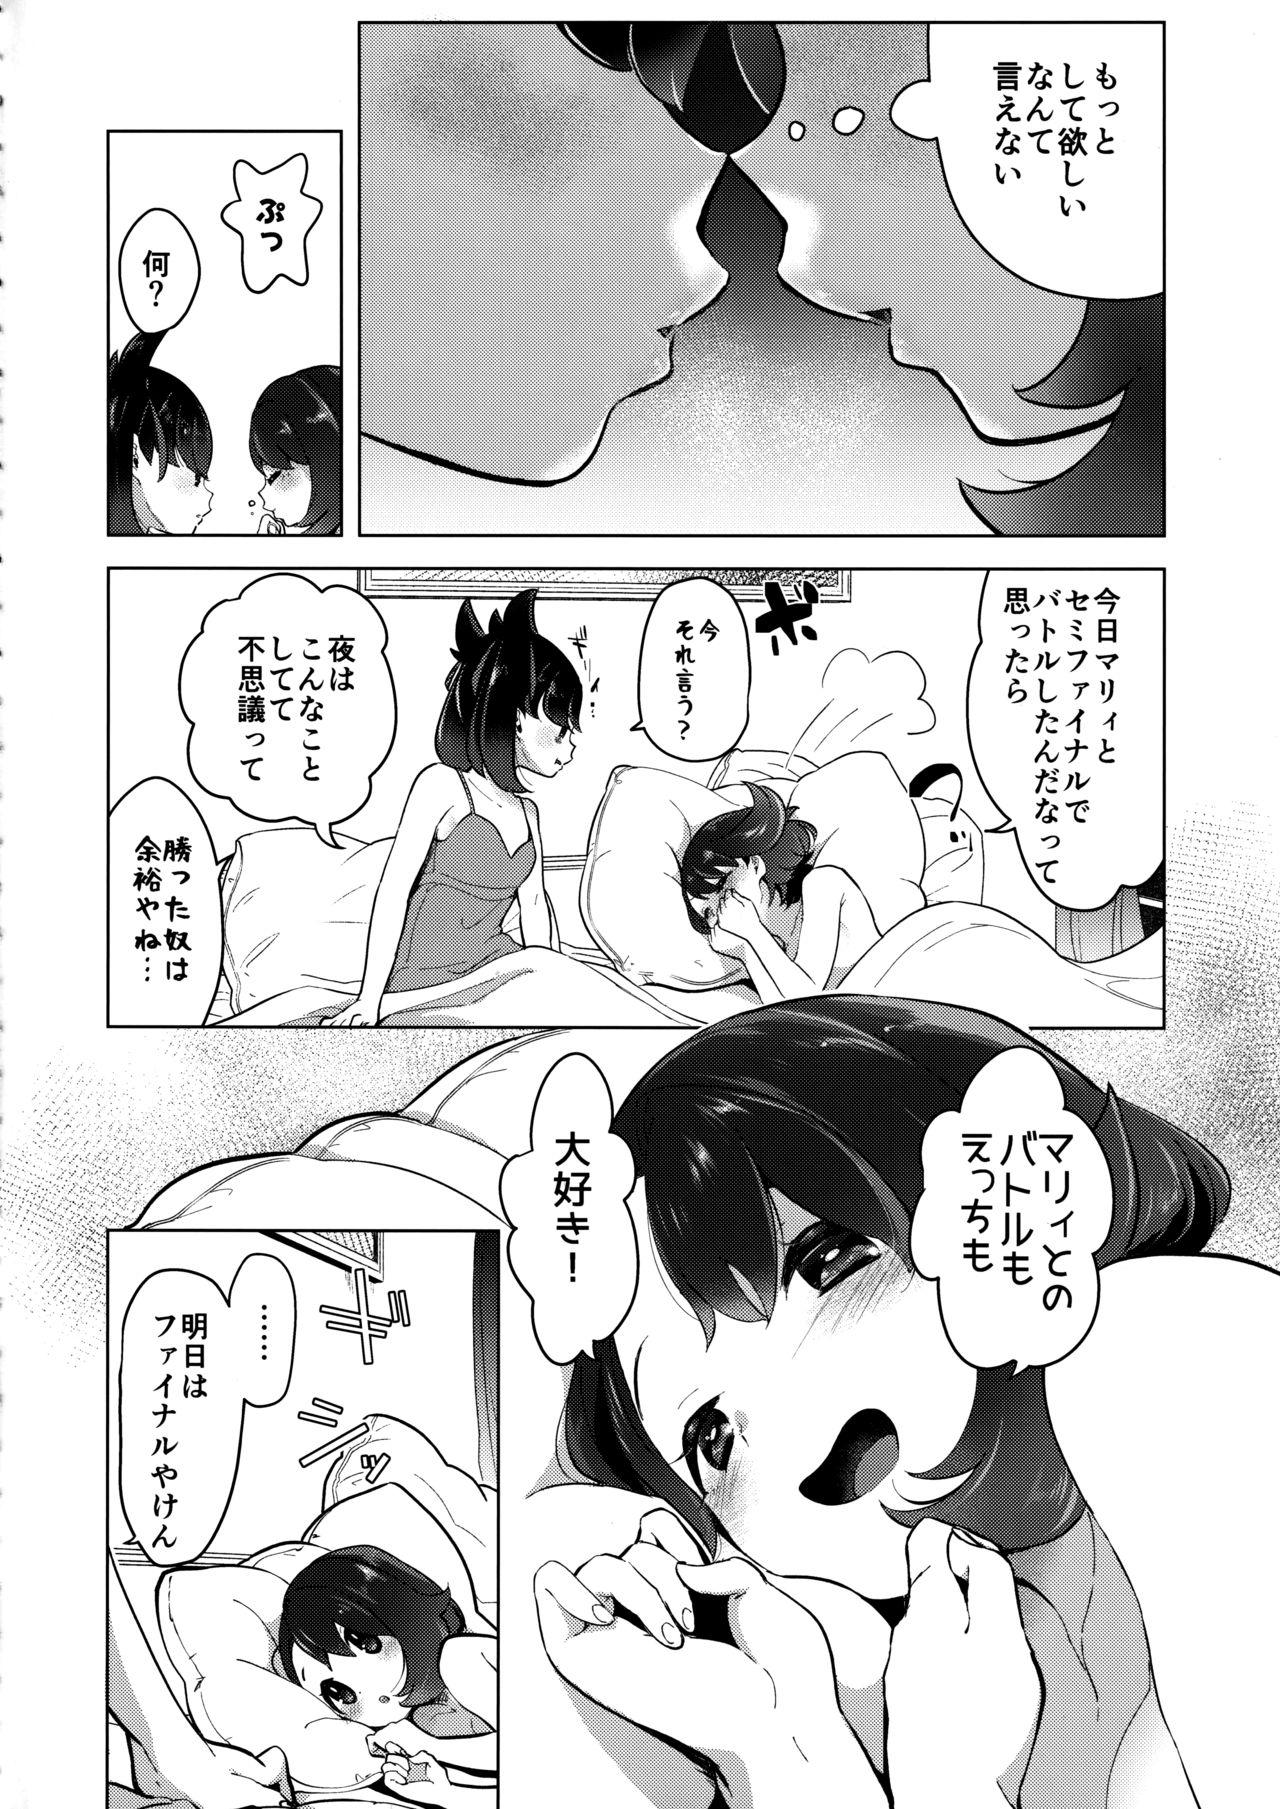 Marnie wa Yuuri kara Amai Ringo o Futatsu Moraimashita. 6